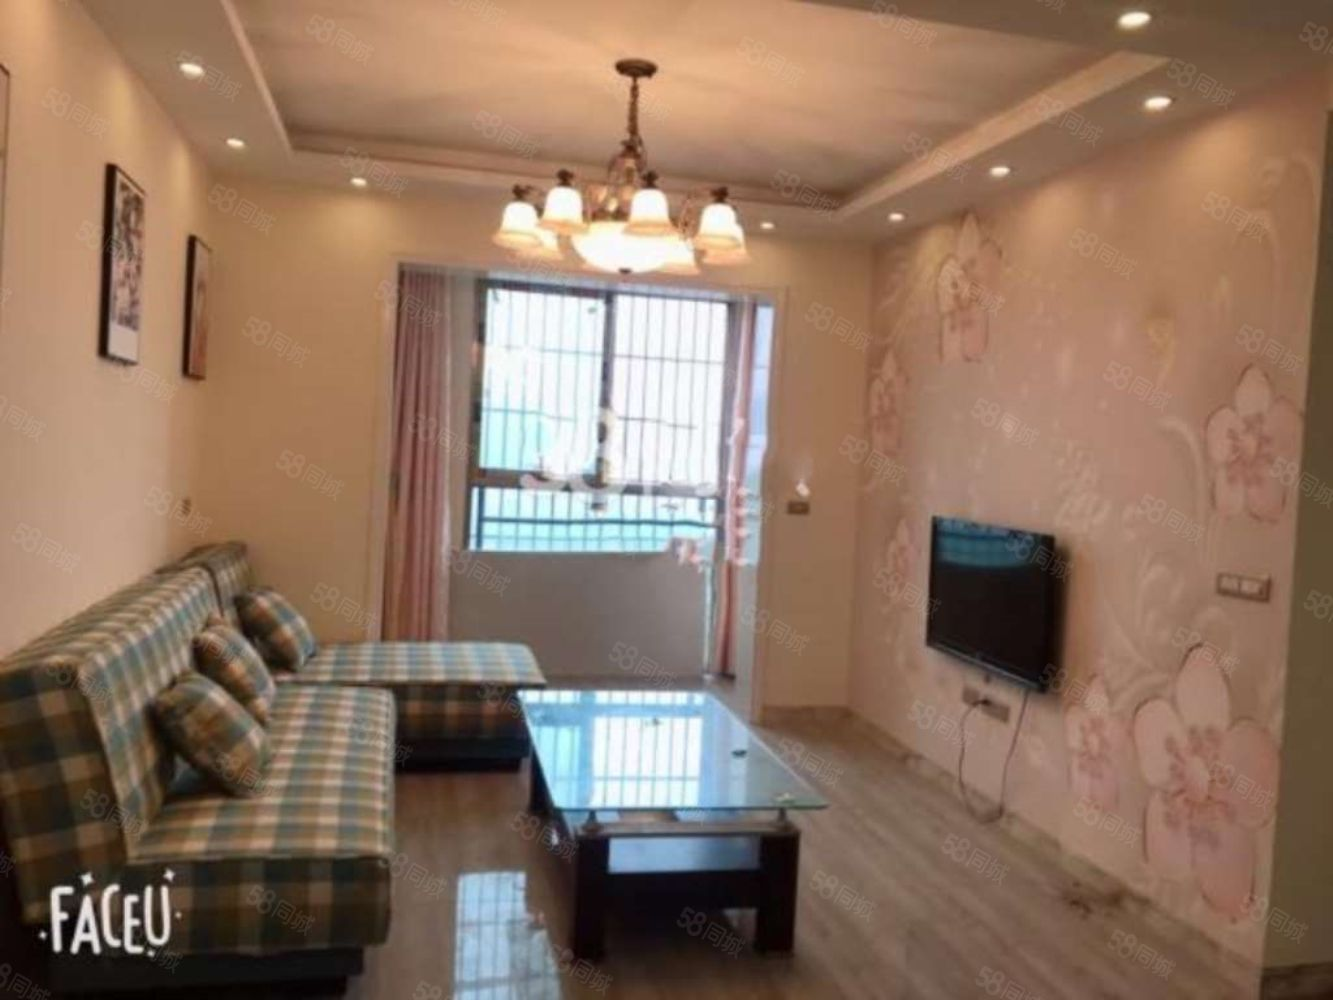 盛世芳庭2室精装出租,配套齐全,随时看房入住!